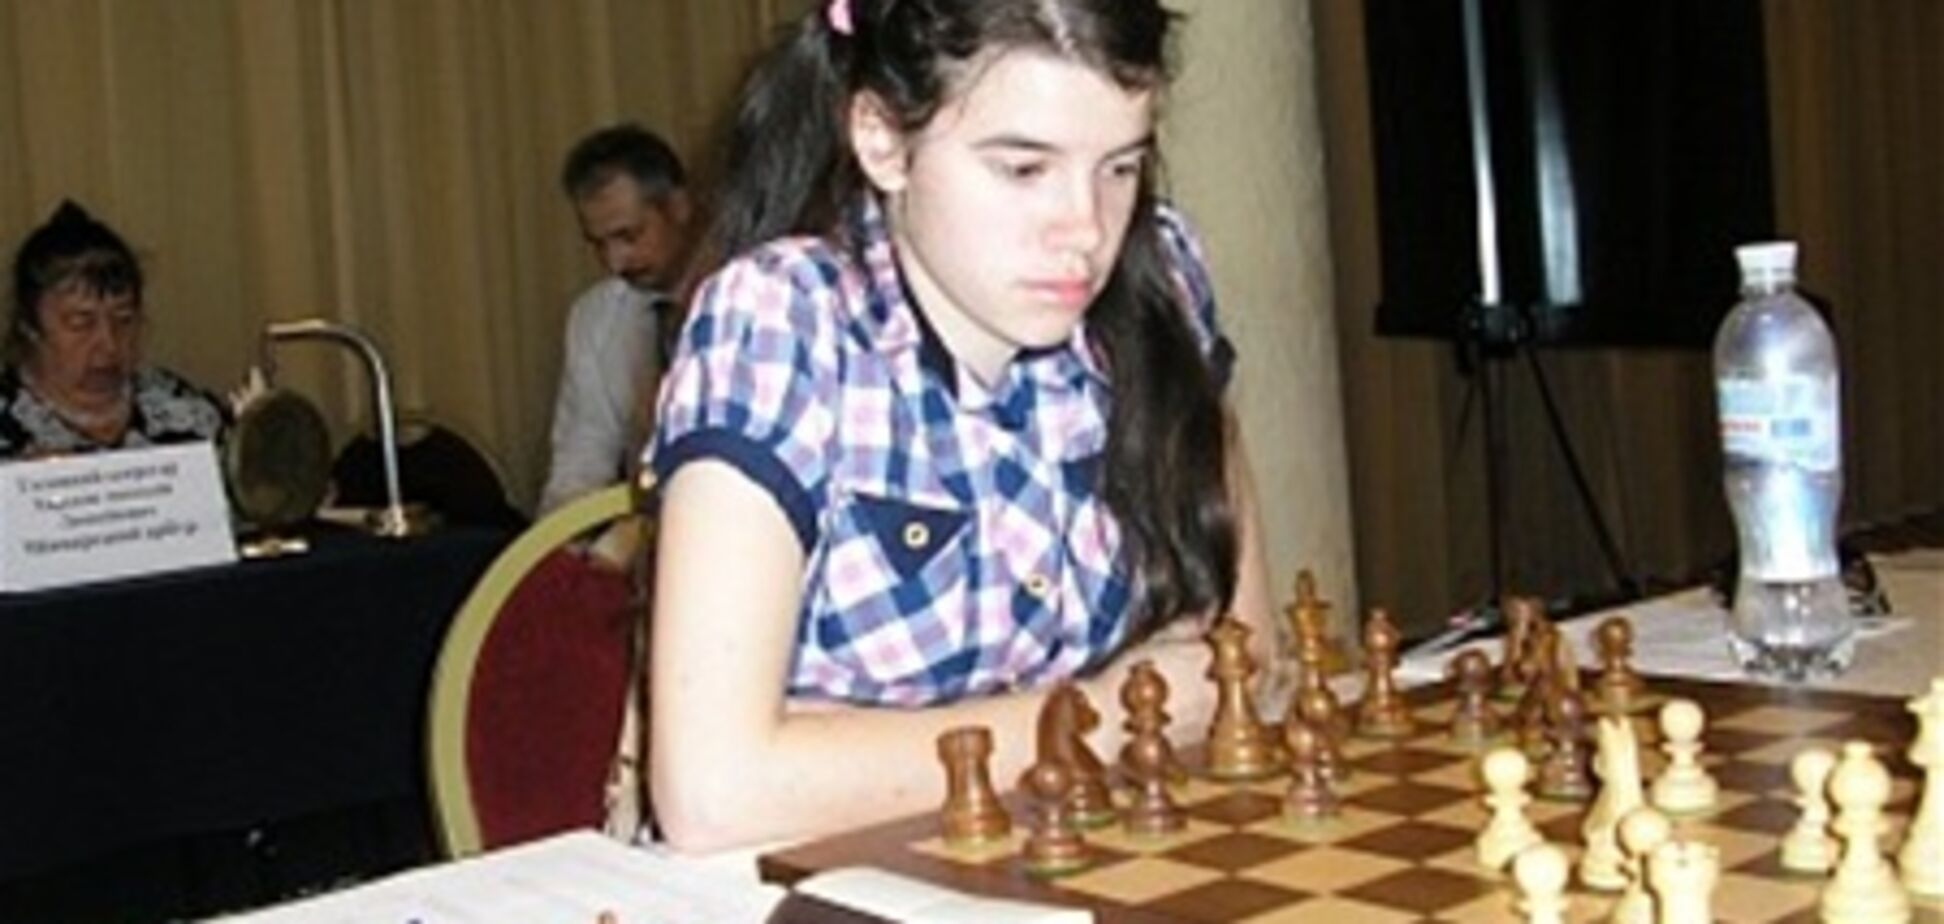 Чемпионат Украины по шахматам: у мужчин – двоевластие, у женщин – лидер один